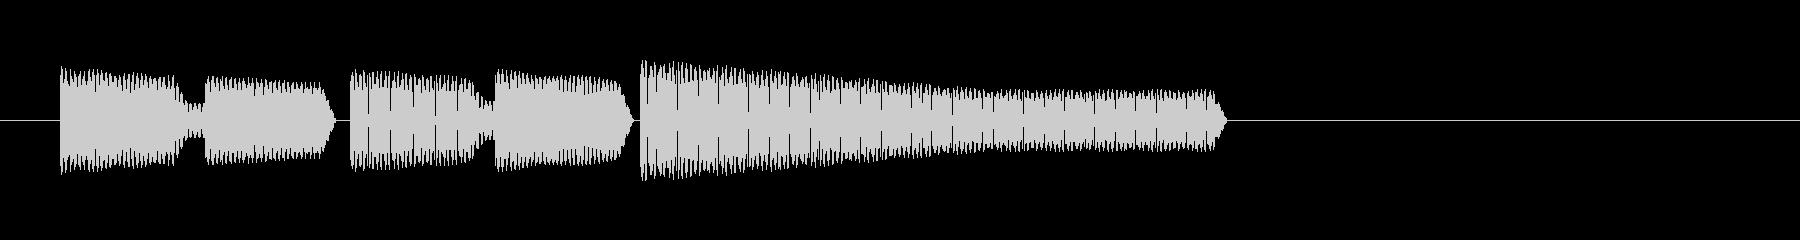 レトロゲーム・和風のジングル4の未再生の波形